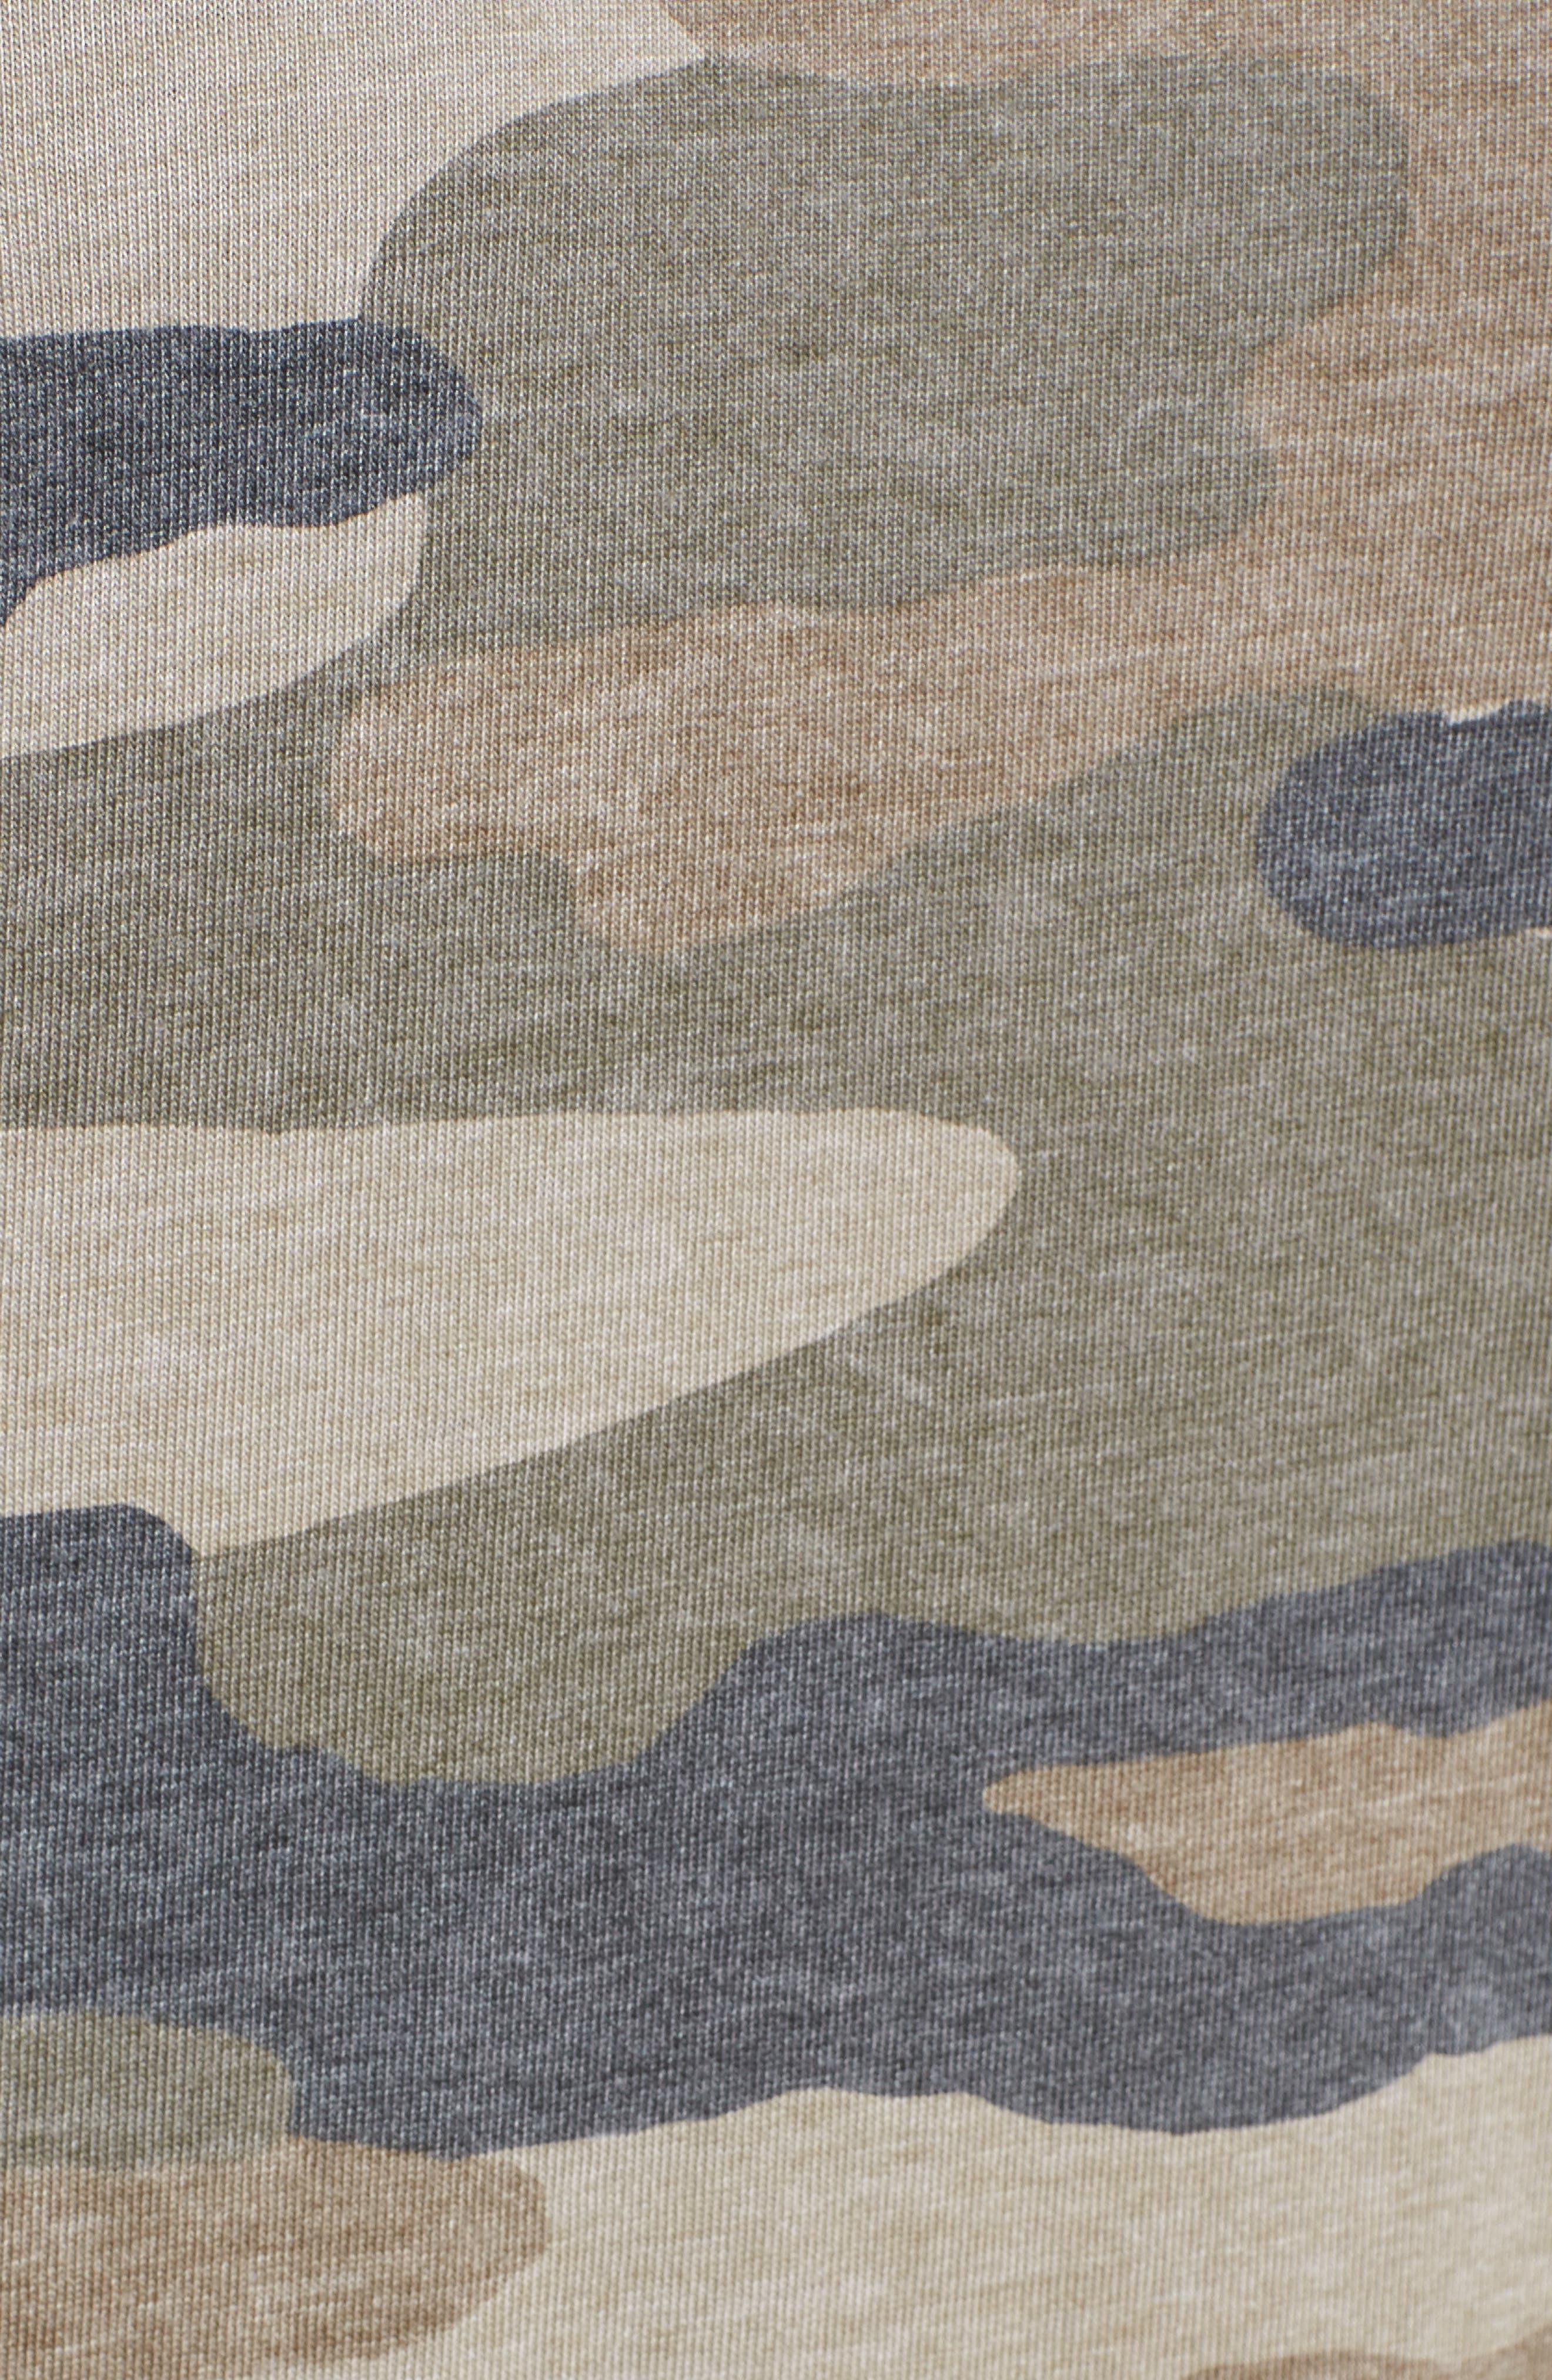 Camo Print Dress,                             Alternate thumbnail 6, color,                             Multi